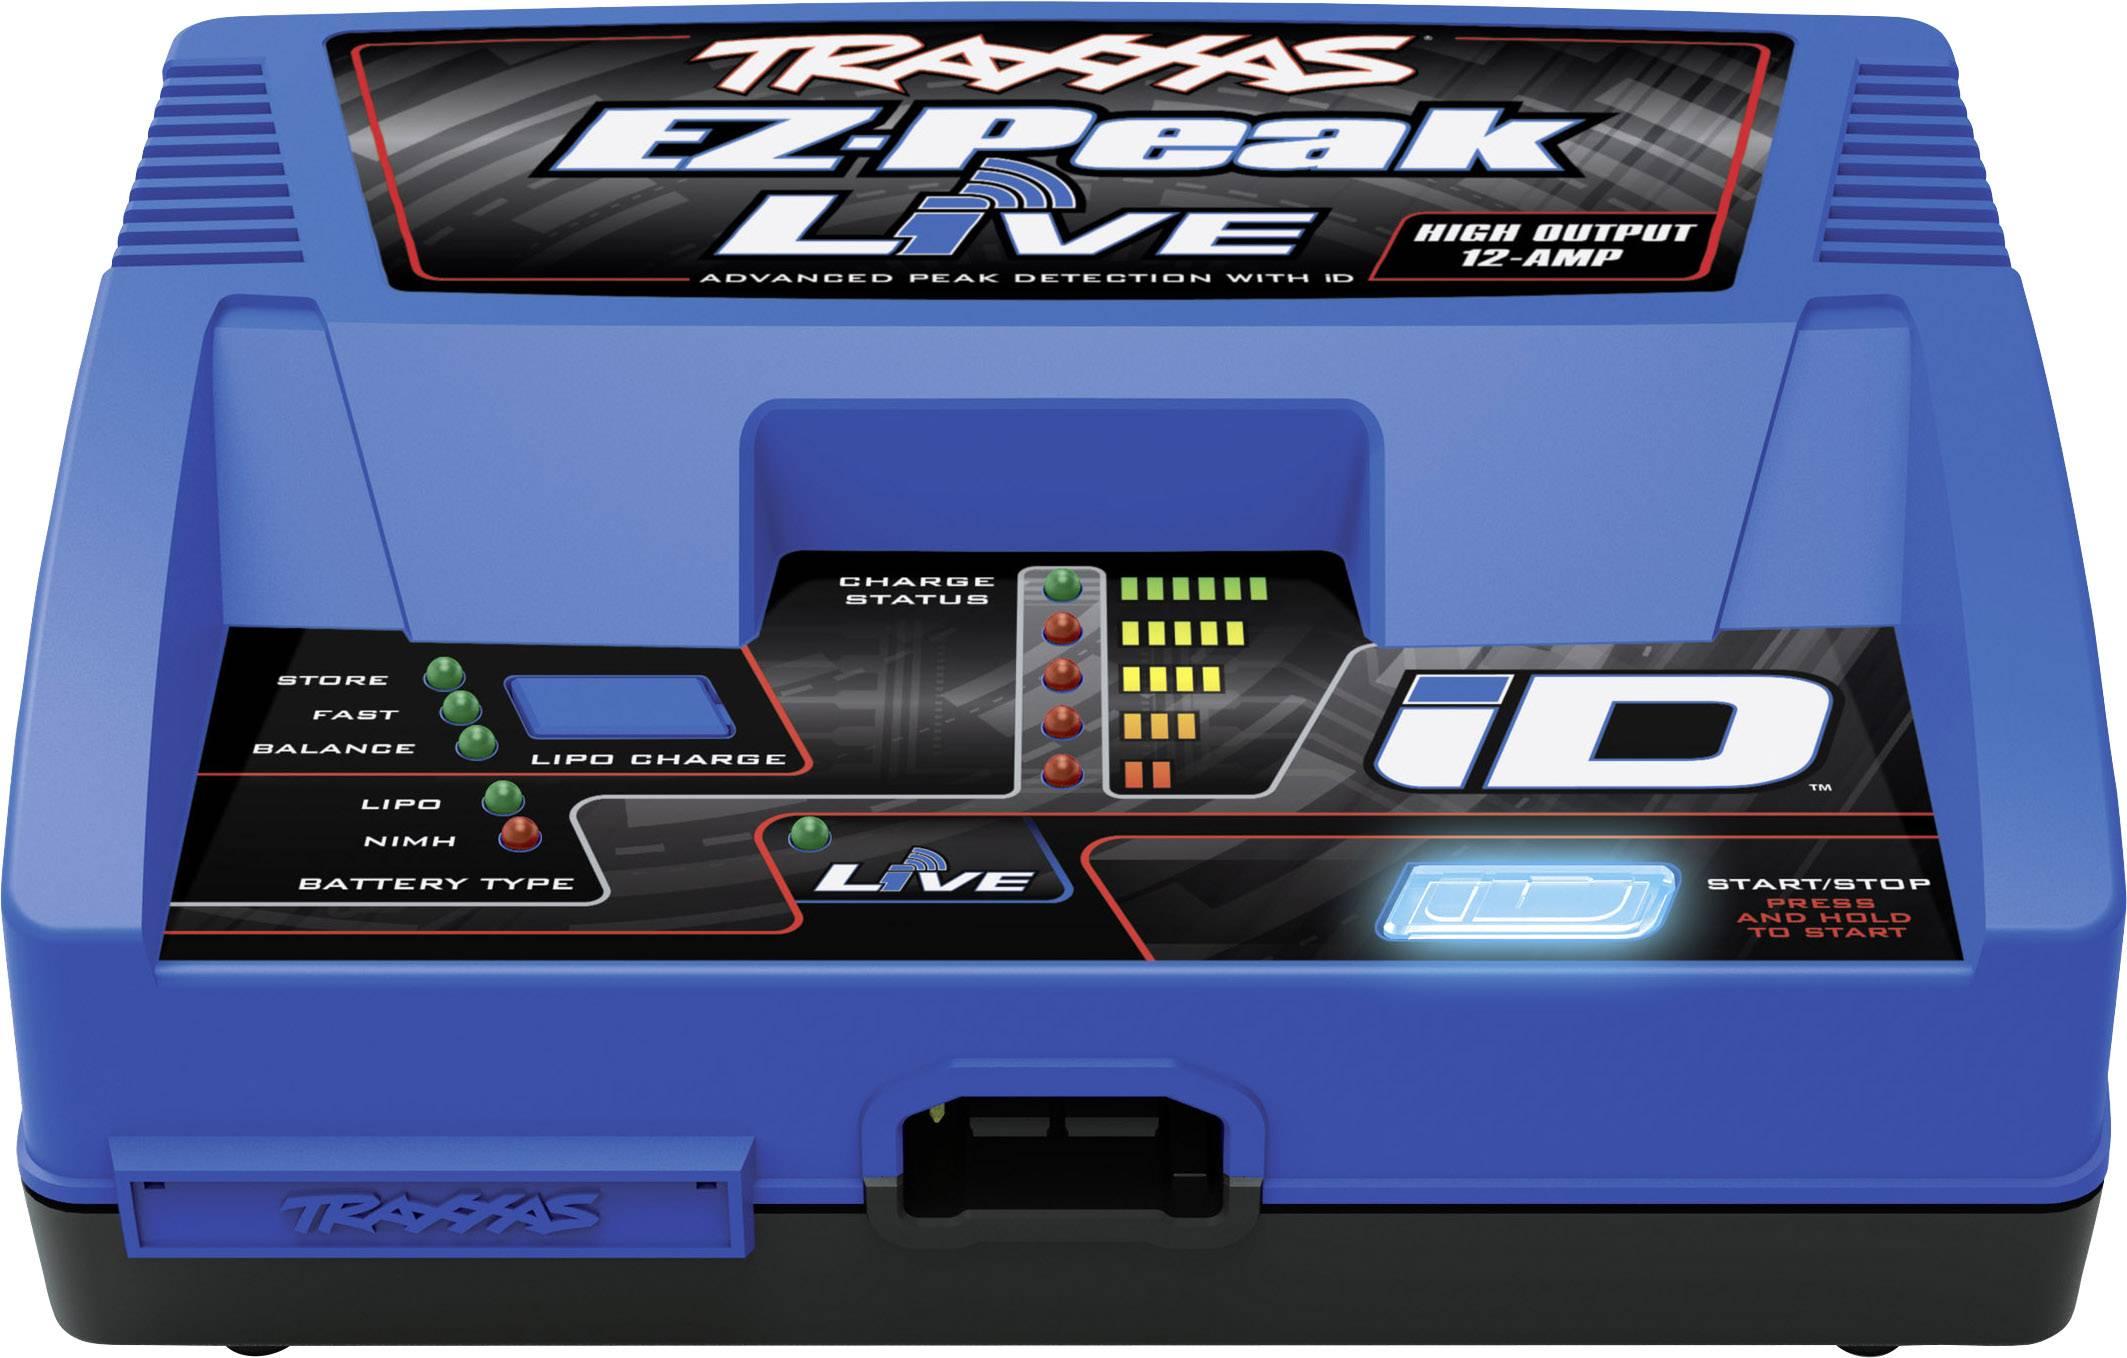 Modelářská multifunkční nabíječka Traxxas EZ Peak Live 2971G, 230 V, 12 A